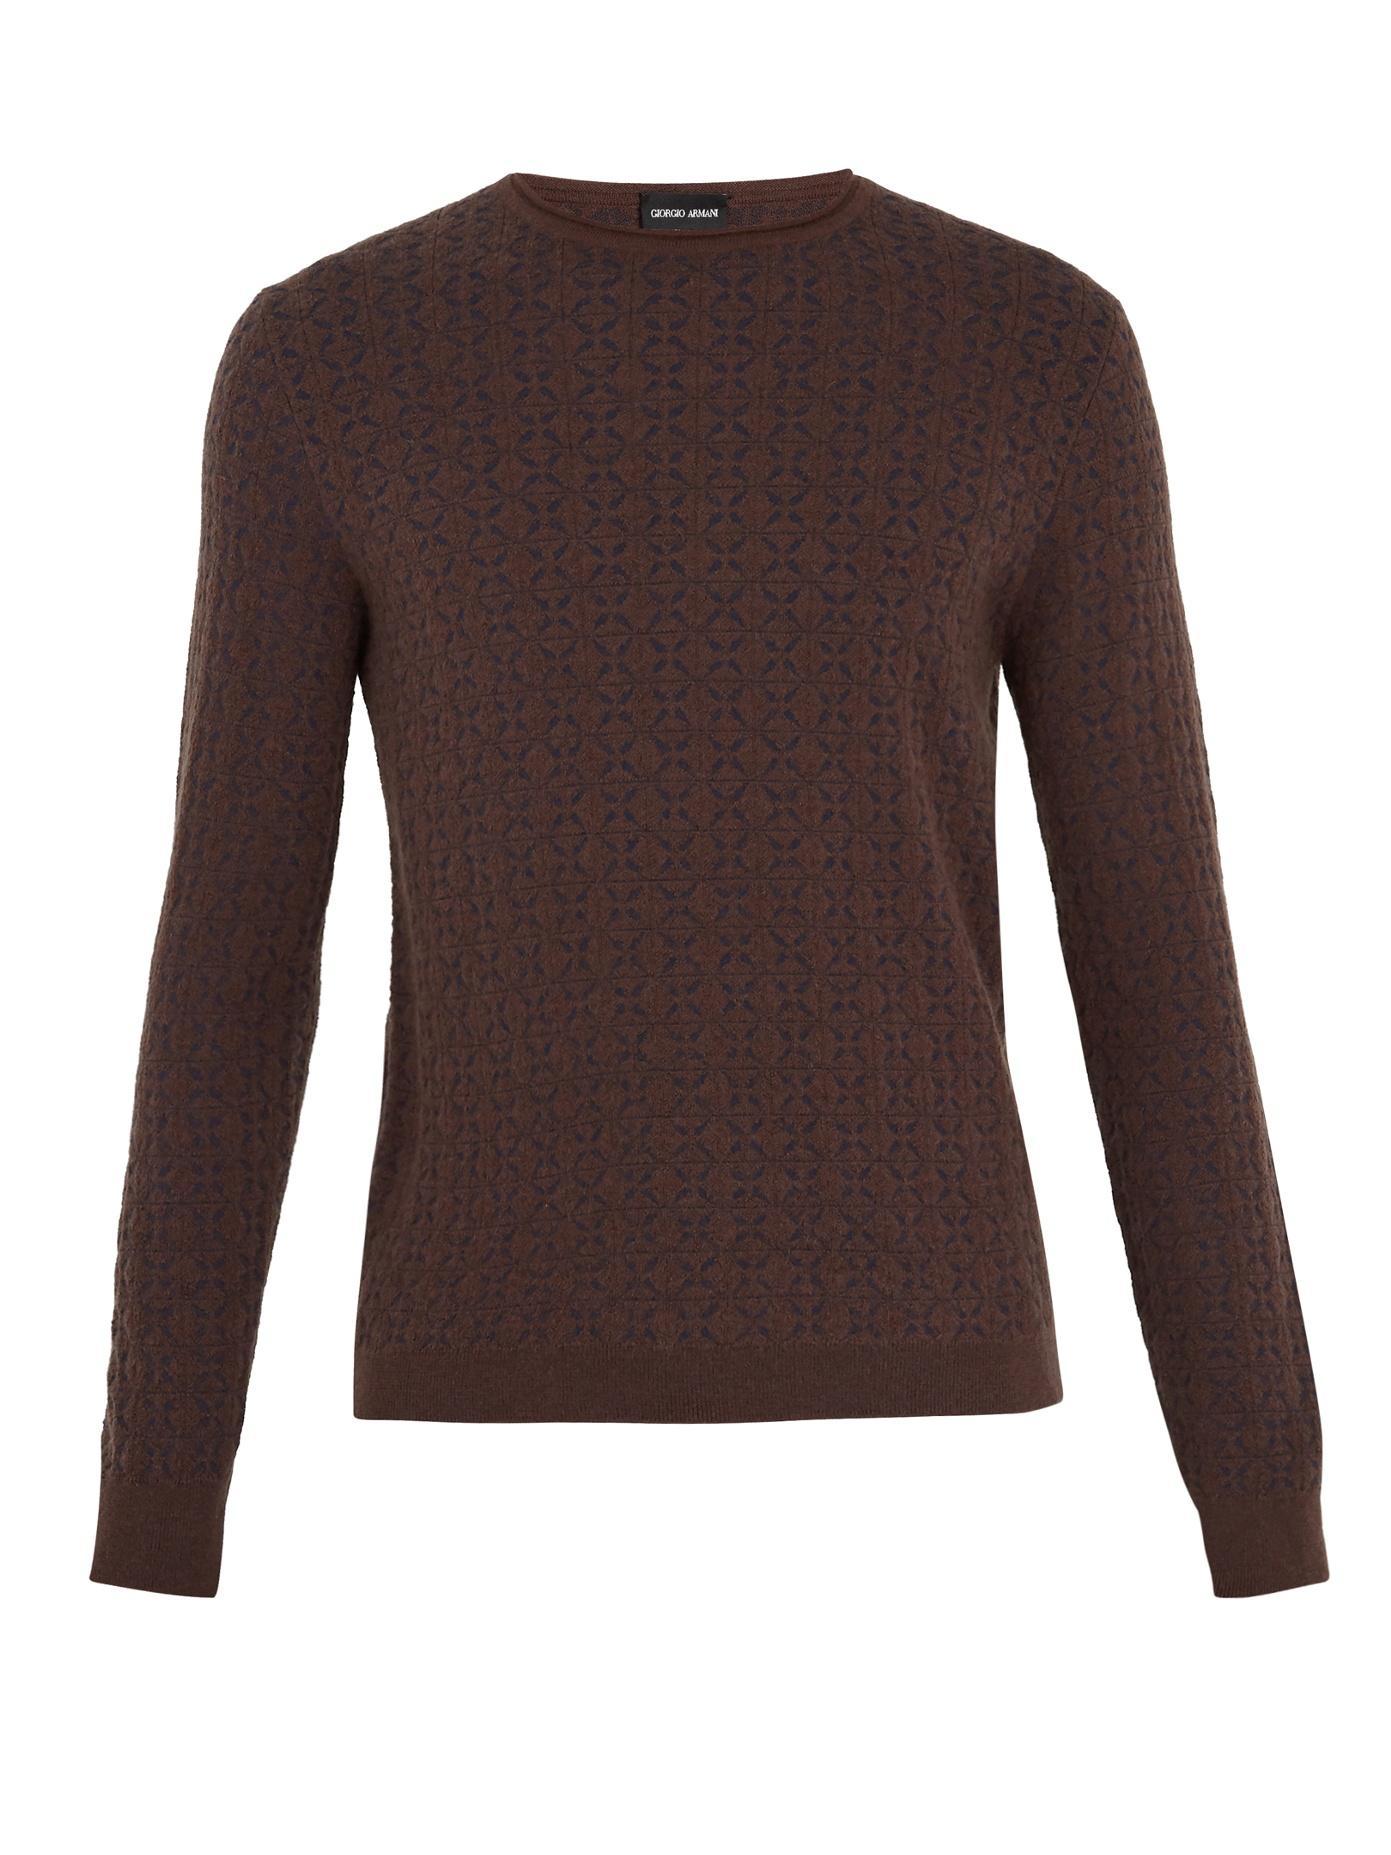 Giorgio Armani - Geometric Intarsia Crew Neck Sweater - Mens - Brown